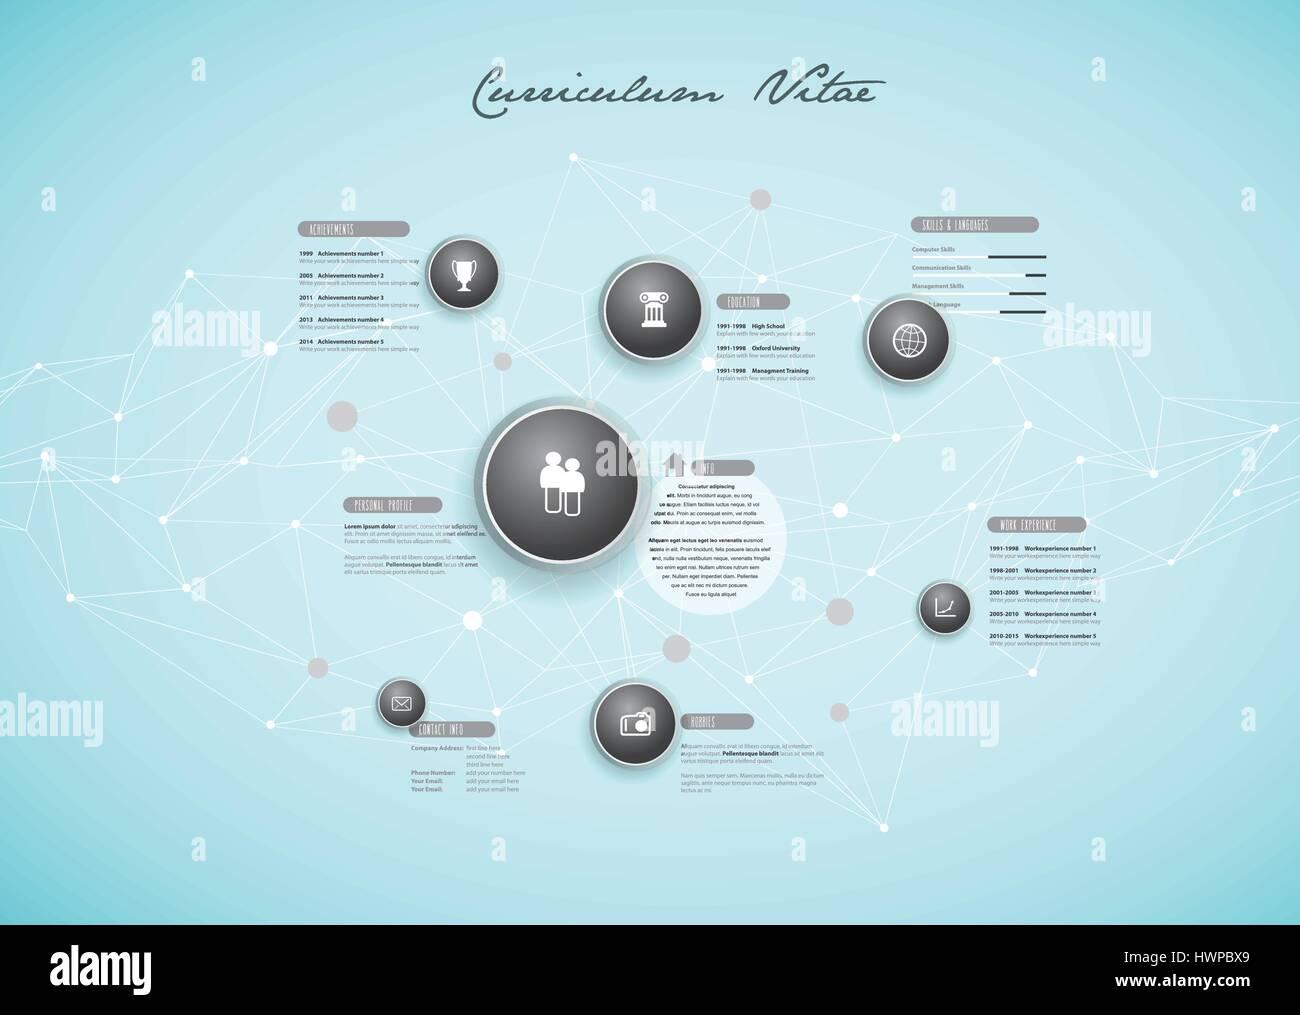 Curriculum Vitae Resume Cv Design Stockfotos & Curriculum Vitae ...